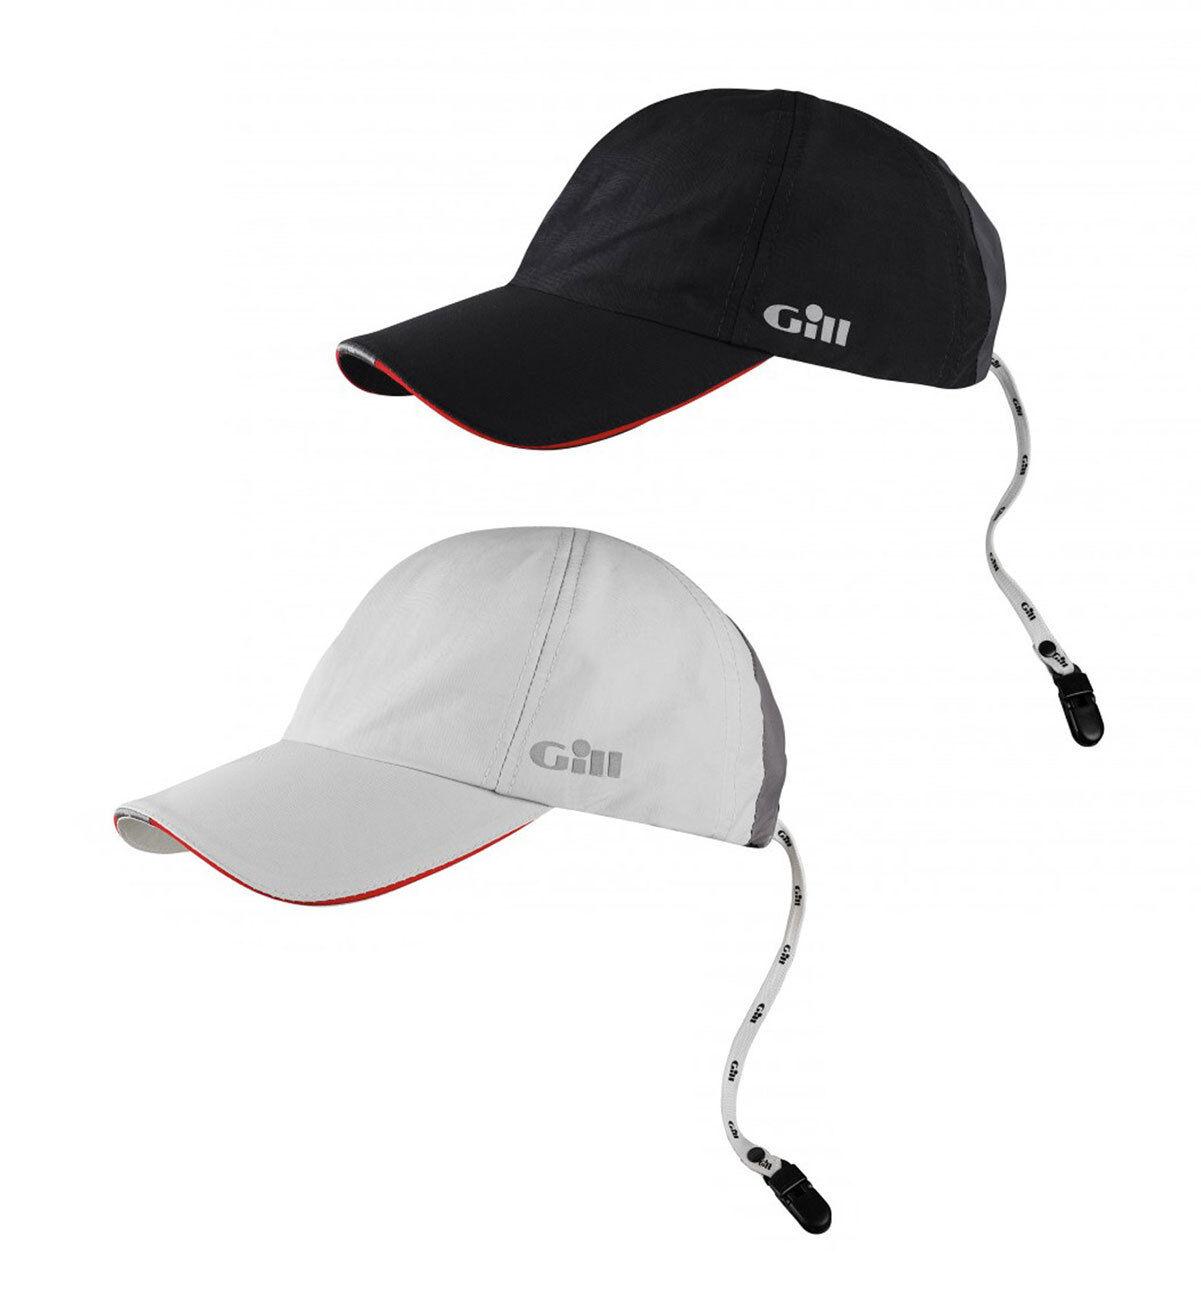 Gill Segel Cap Race Damen & Herren - hochwertige Segelmütze mit viel Komfort